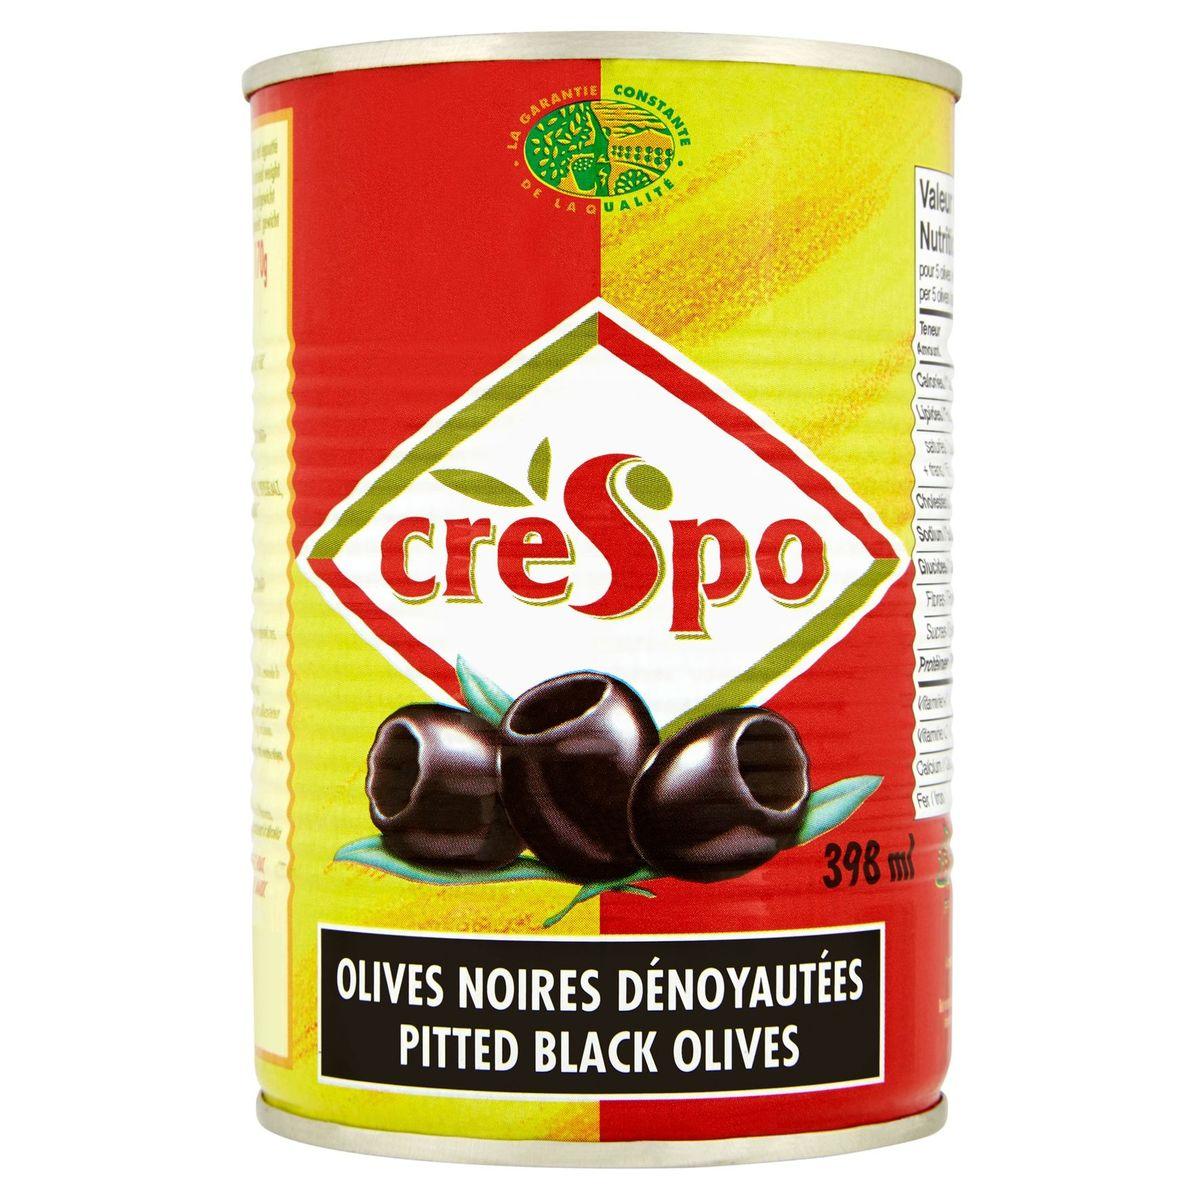 Crespo Olives noires dénoyautées 397 g